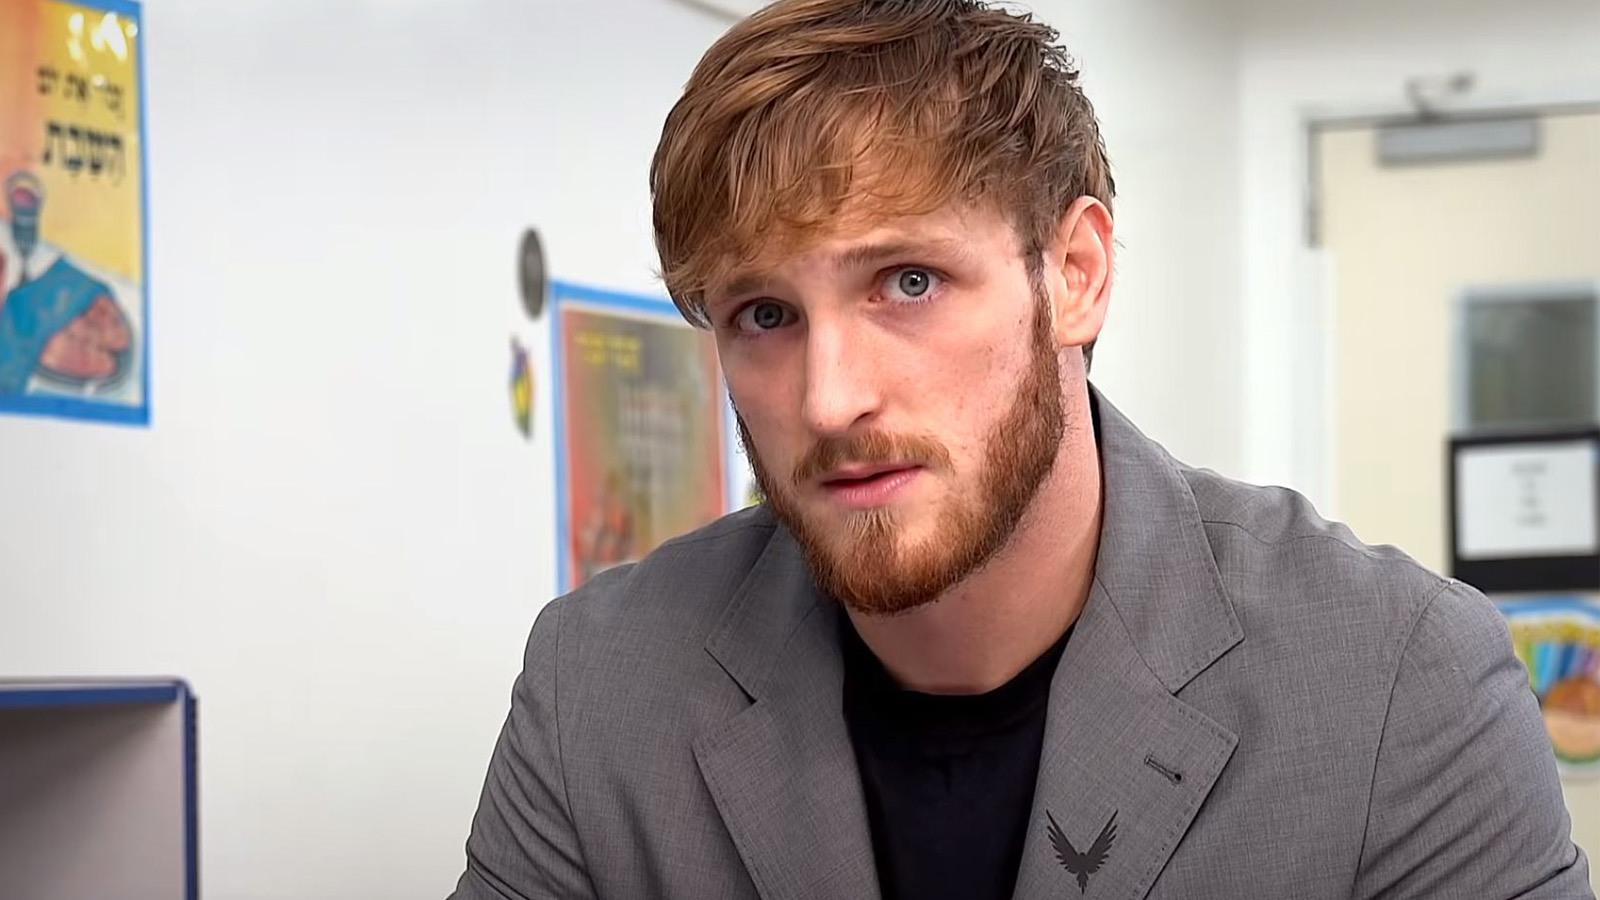 Logan Paul, YouTube